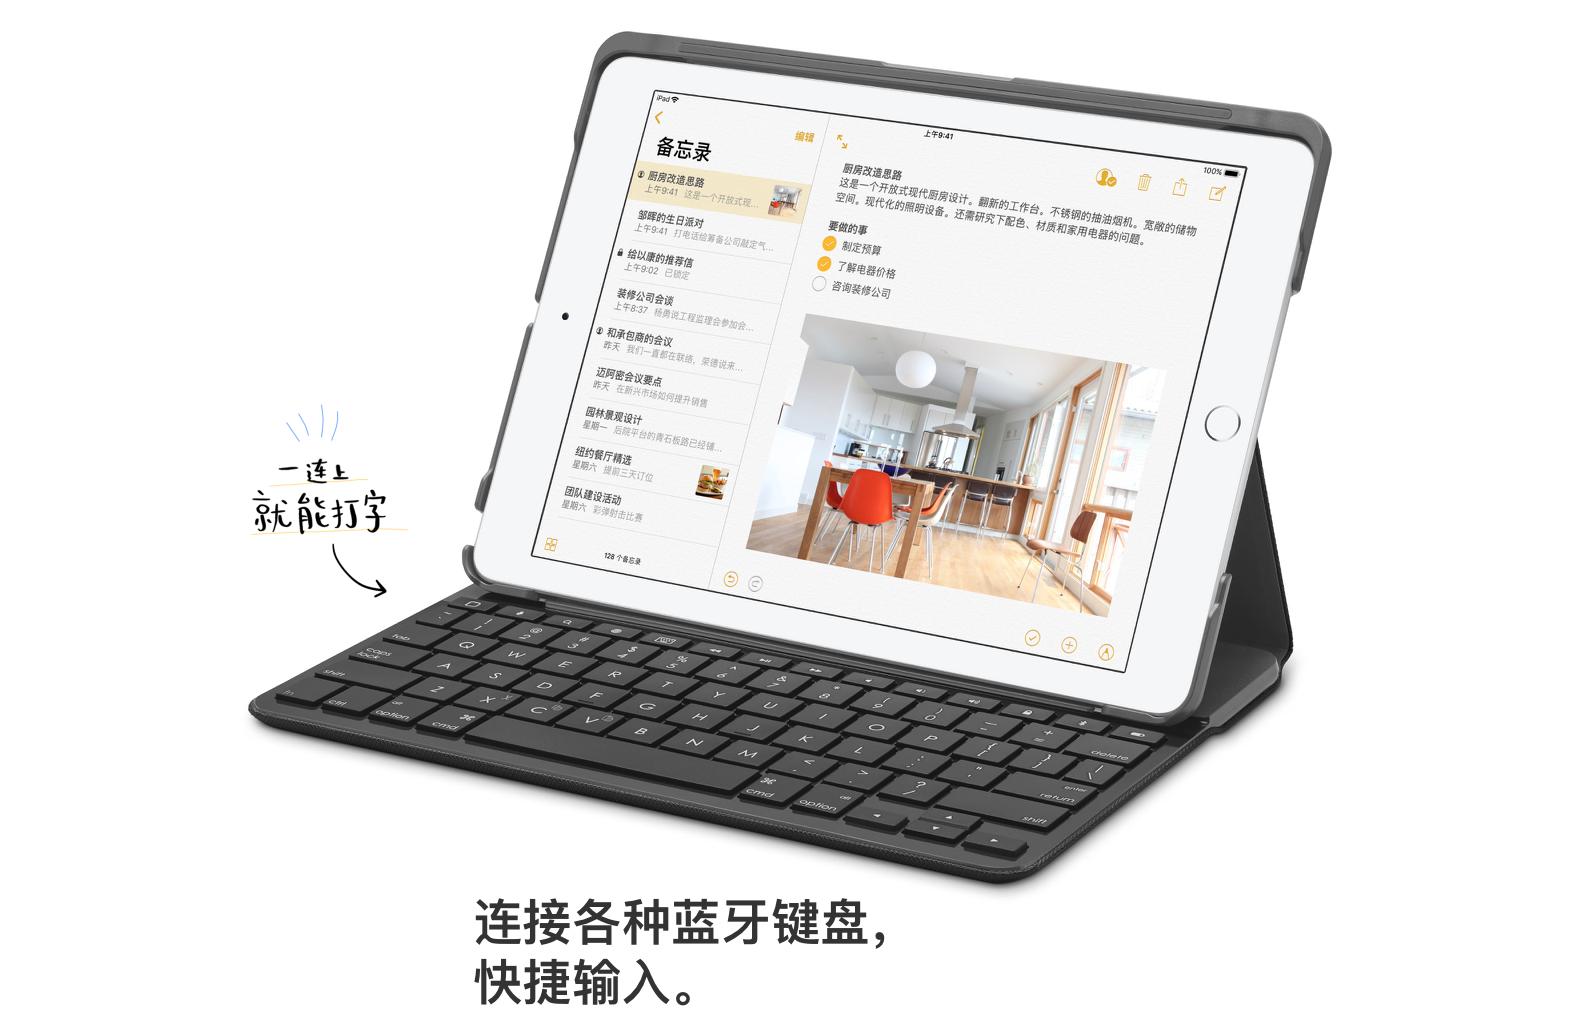 新款9.7英寸iPad性能分析:单核跑分接近A10X整体略超iPhone 7